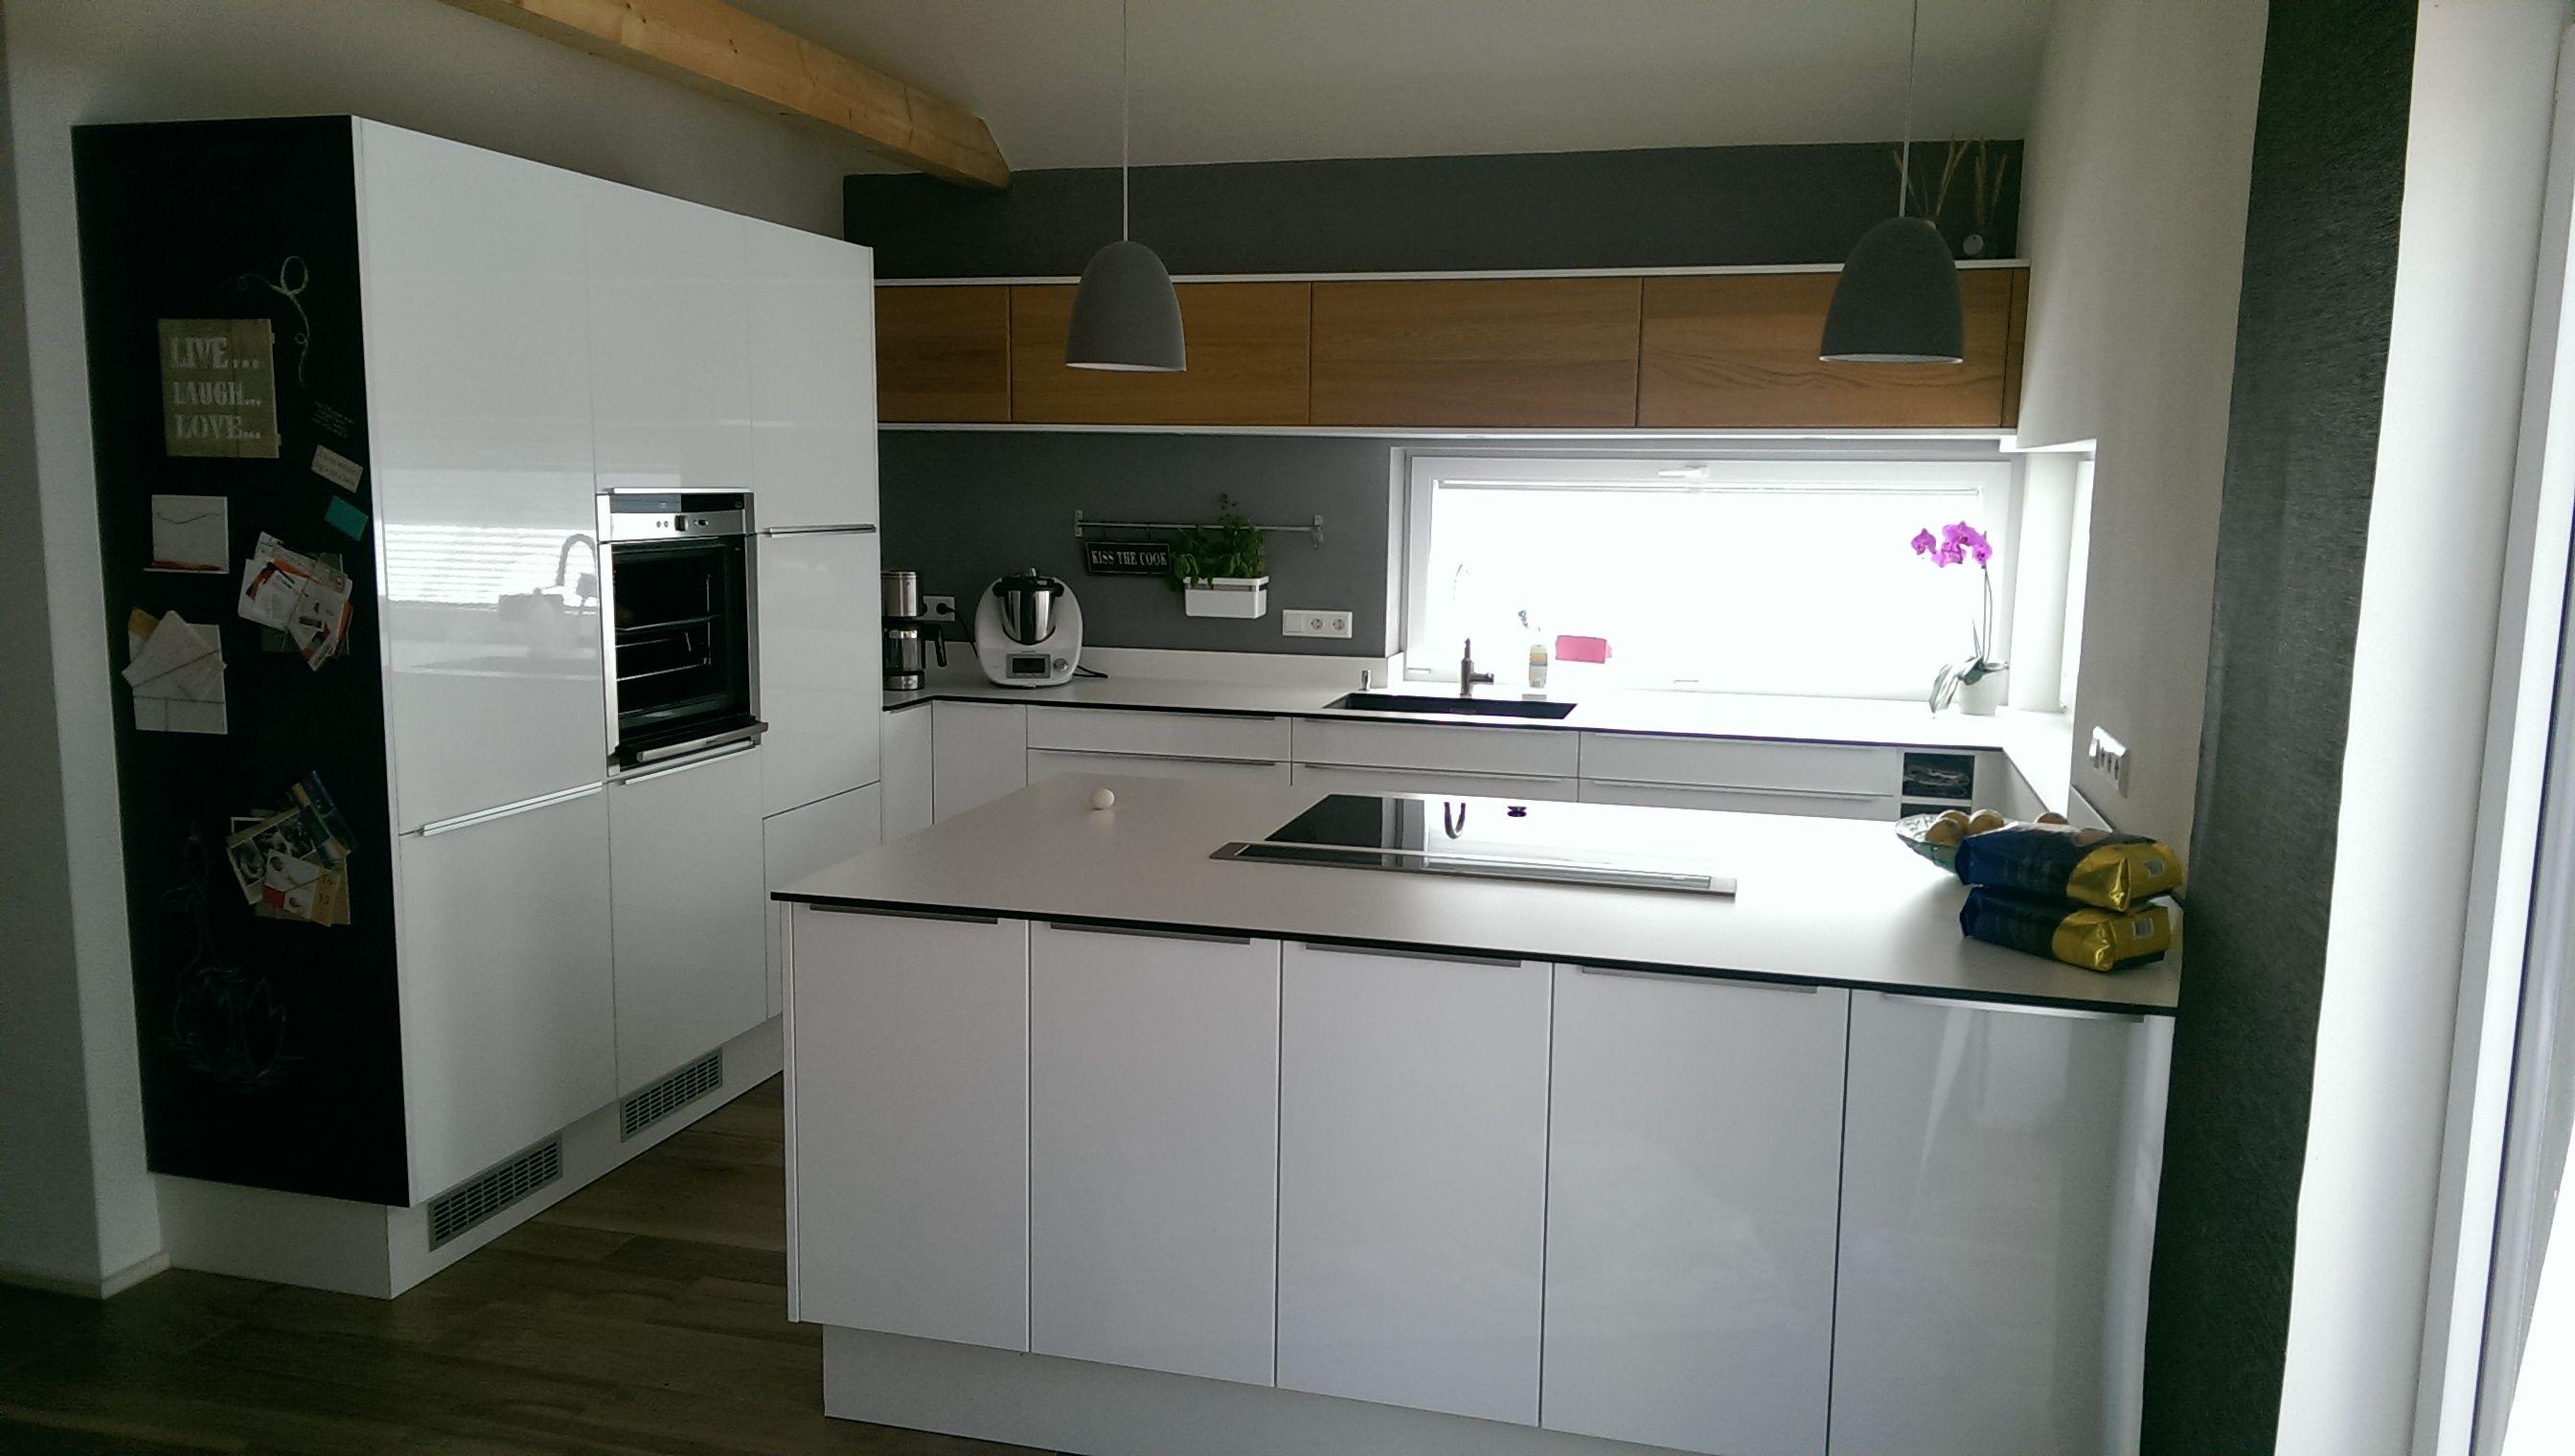 Pin von Aurelia Palczewska auf house.kitchen.  Küchen möbel